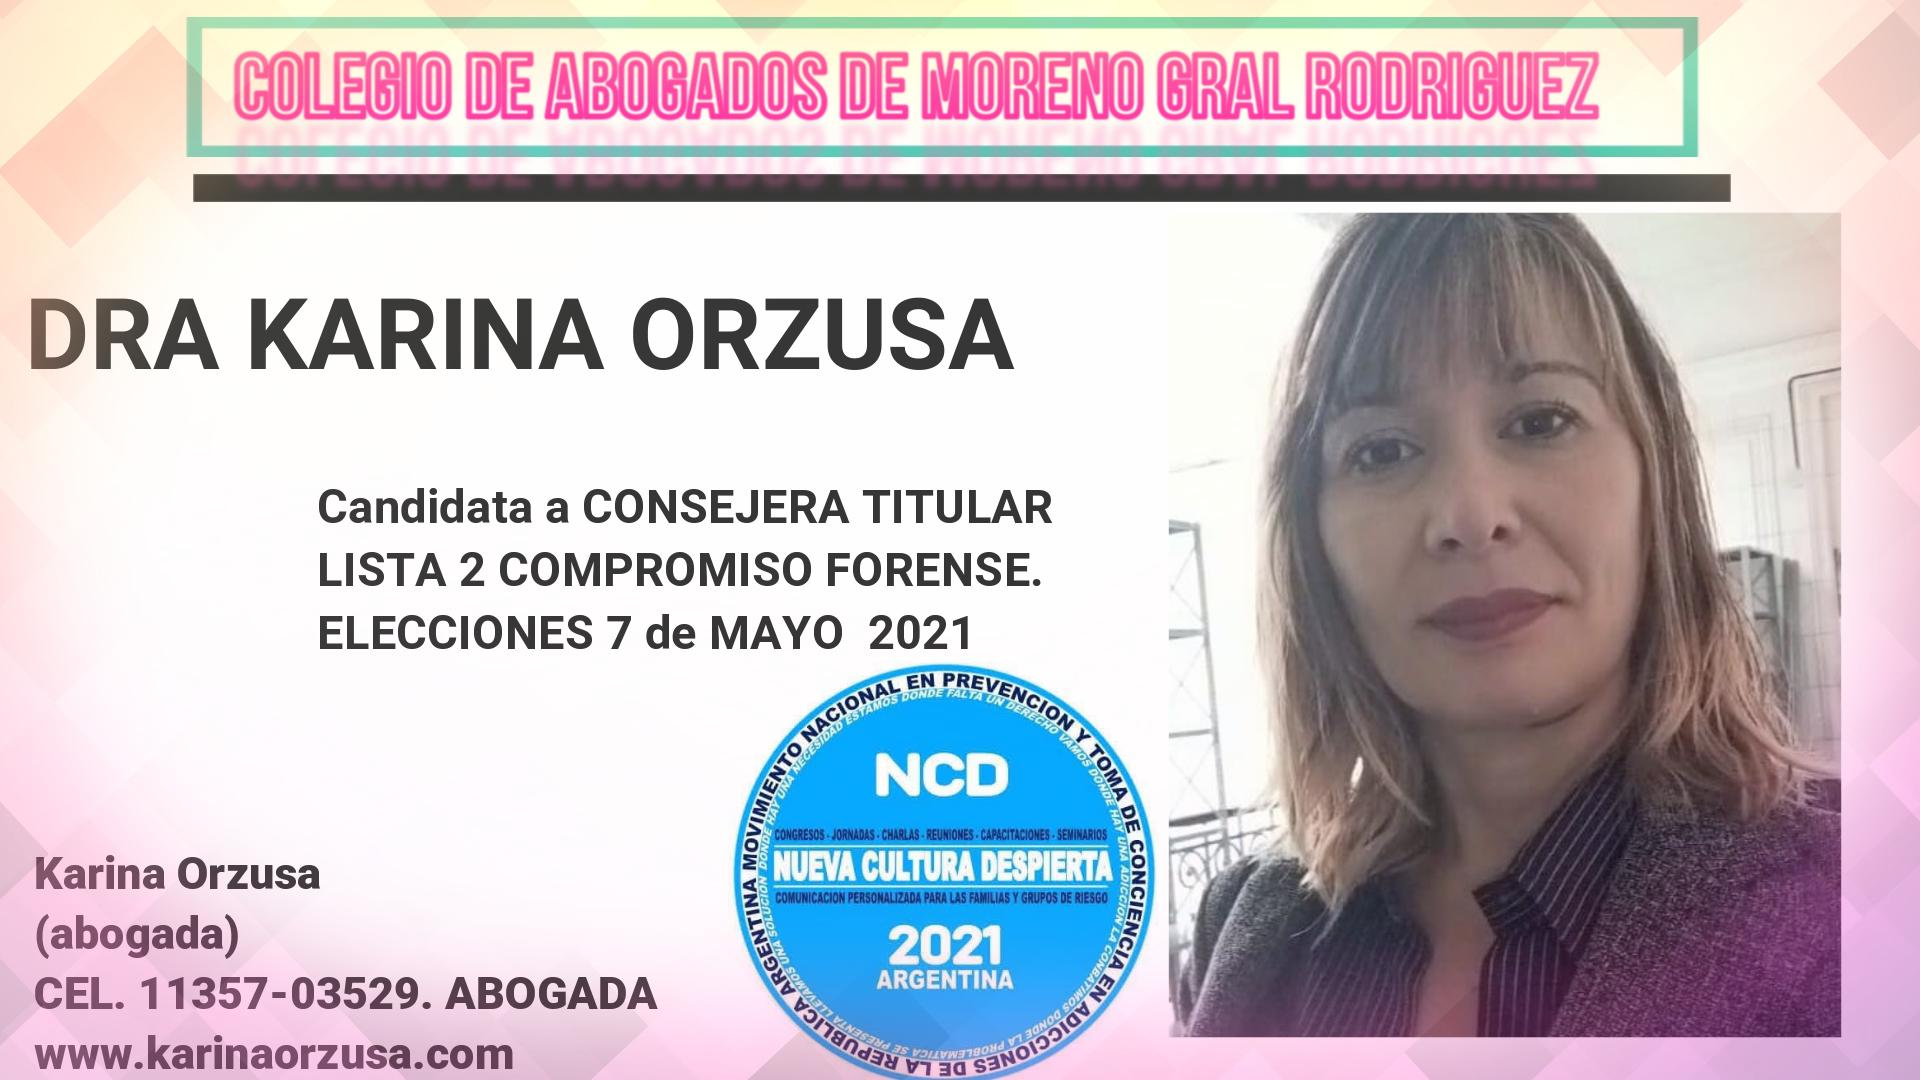 El 7 de mayo habrá elecciones en el Colegio Público de Abogados de Moreno y General Rodríguez